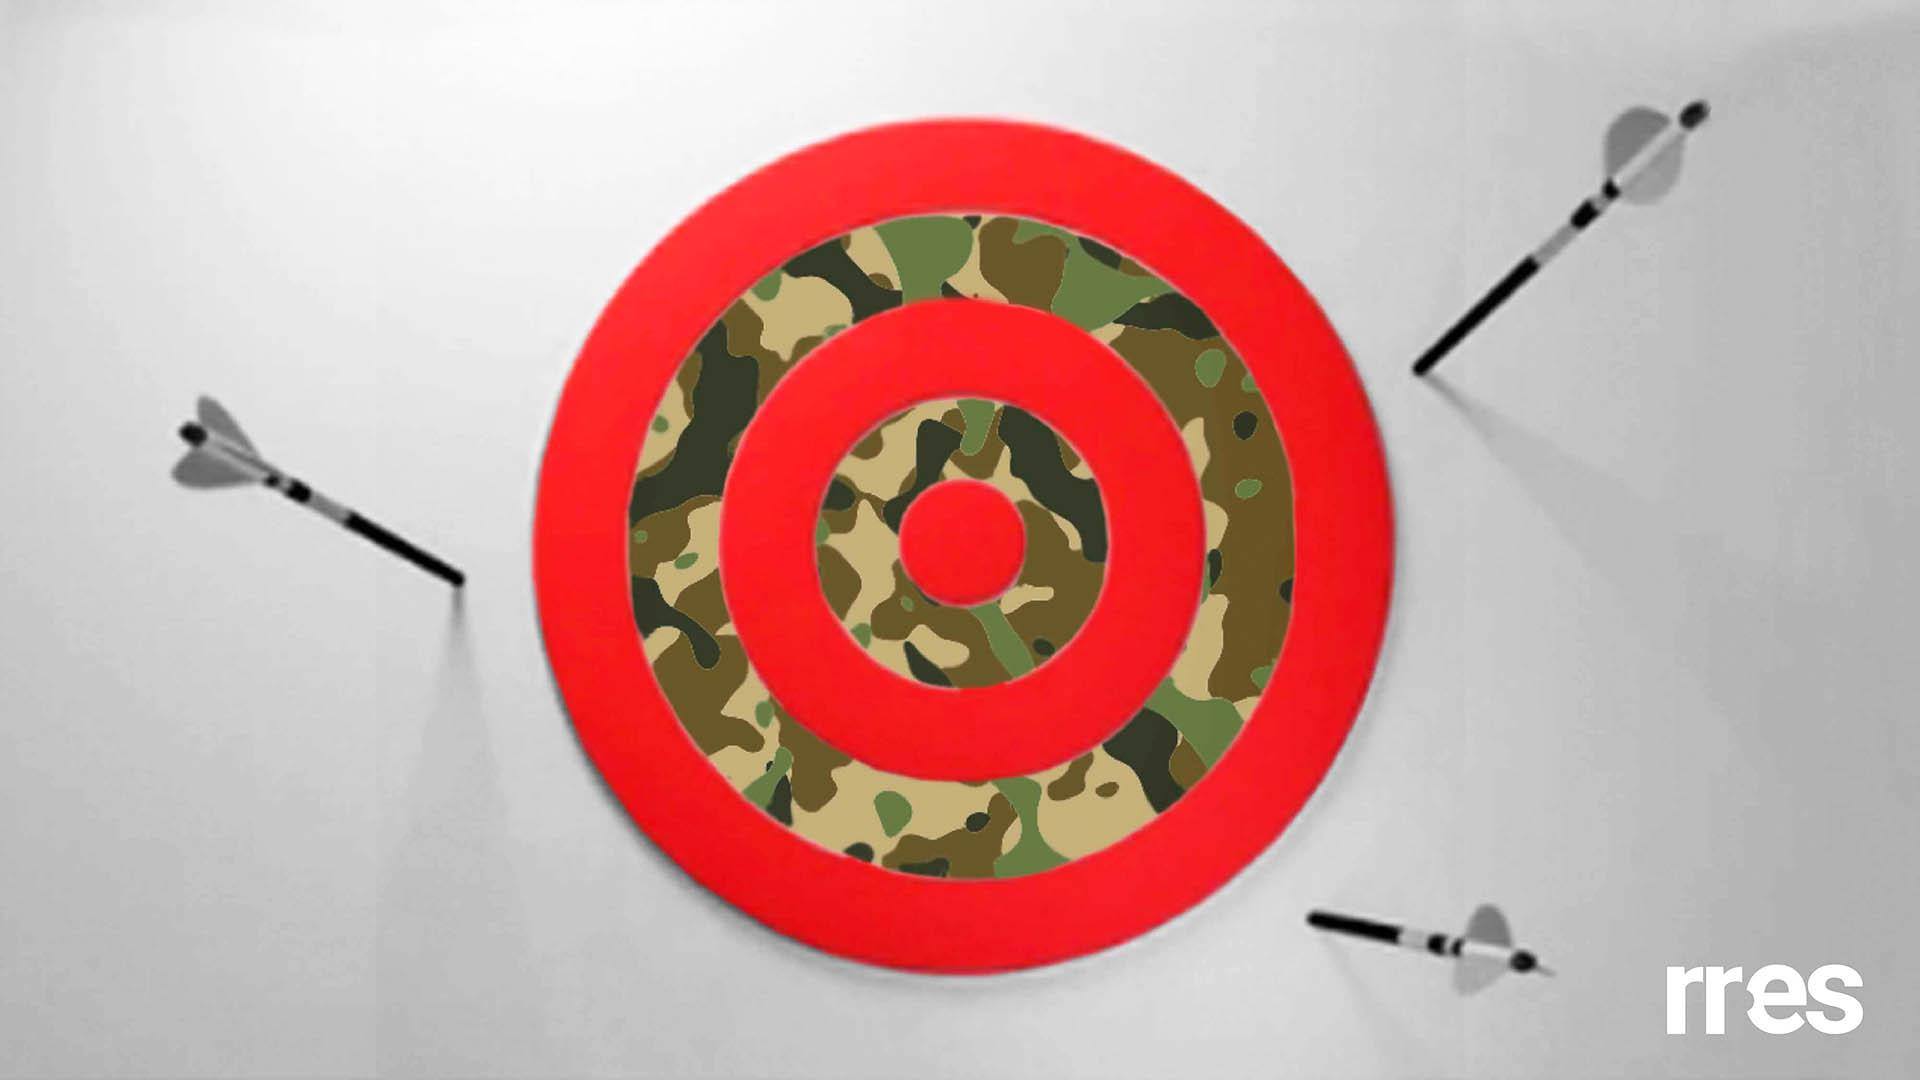 Crímenes sin Castigo   Apure y el concepto estratégico, por Javier Ignacio Mayorca